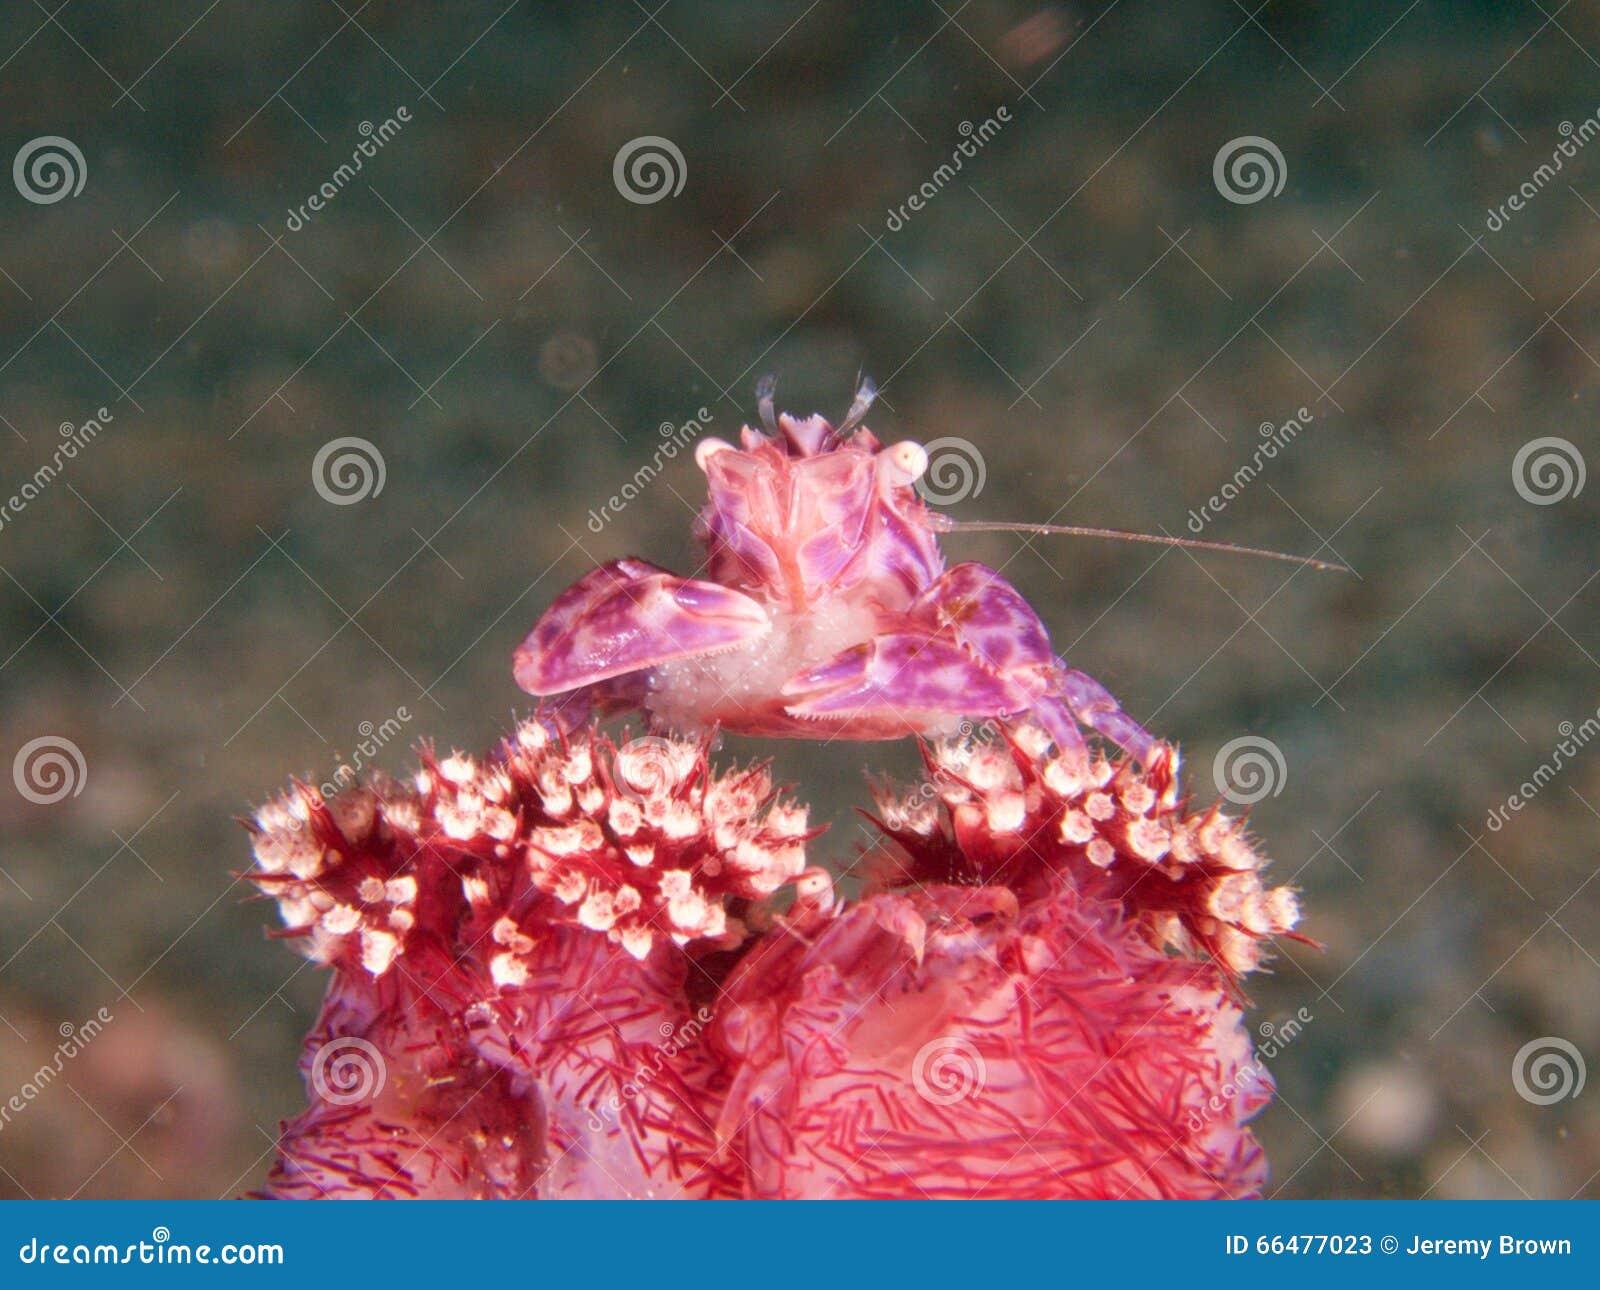 Mjuk korallporslinkrabba med ägg, Raja Ampat, Indonesien